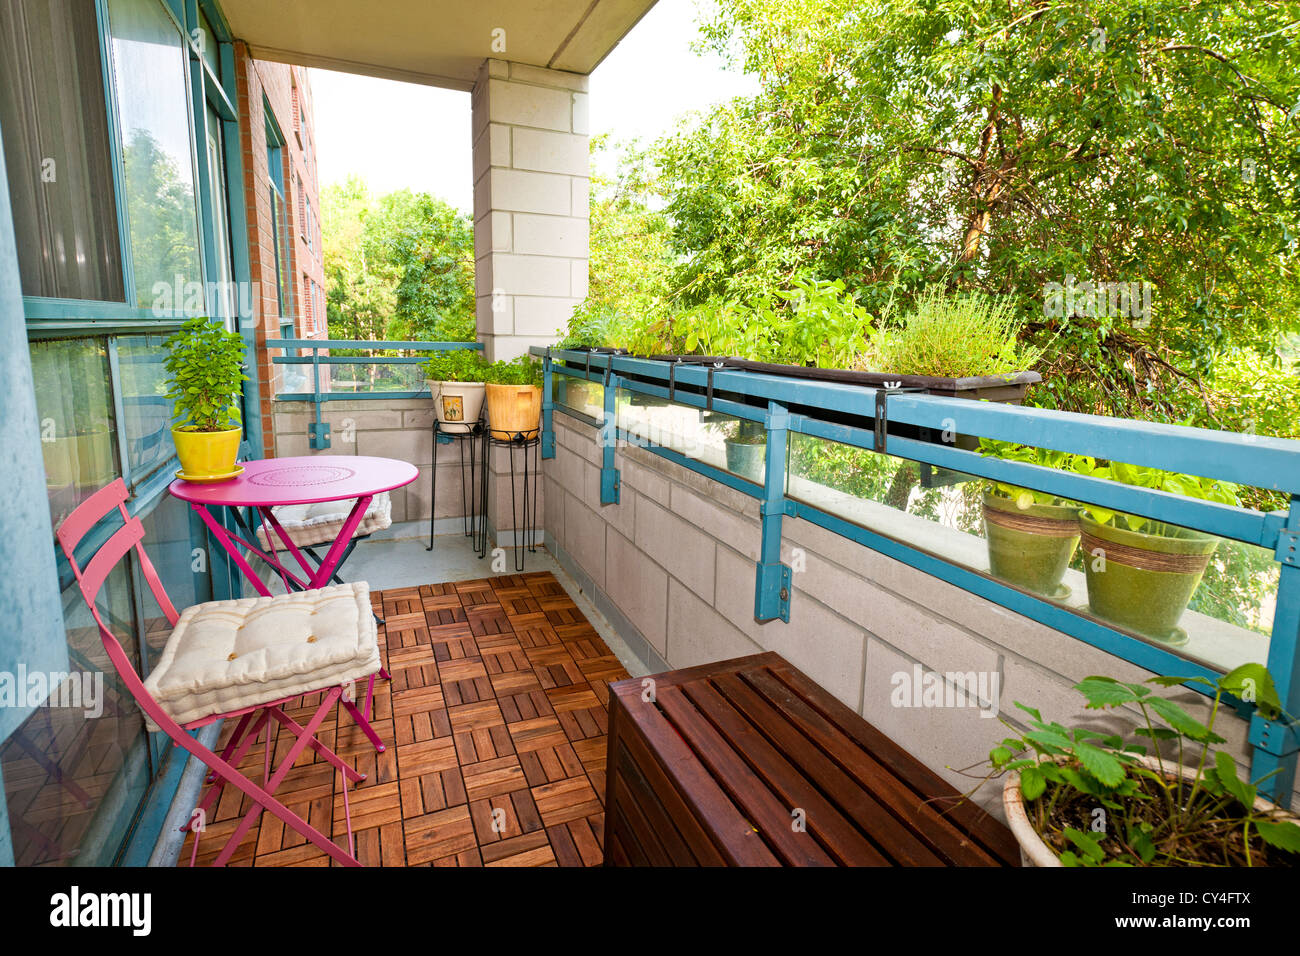 Balkon der Wohnung mit Patio-Möbel und Pflanzen Stockbild